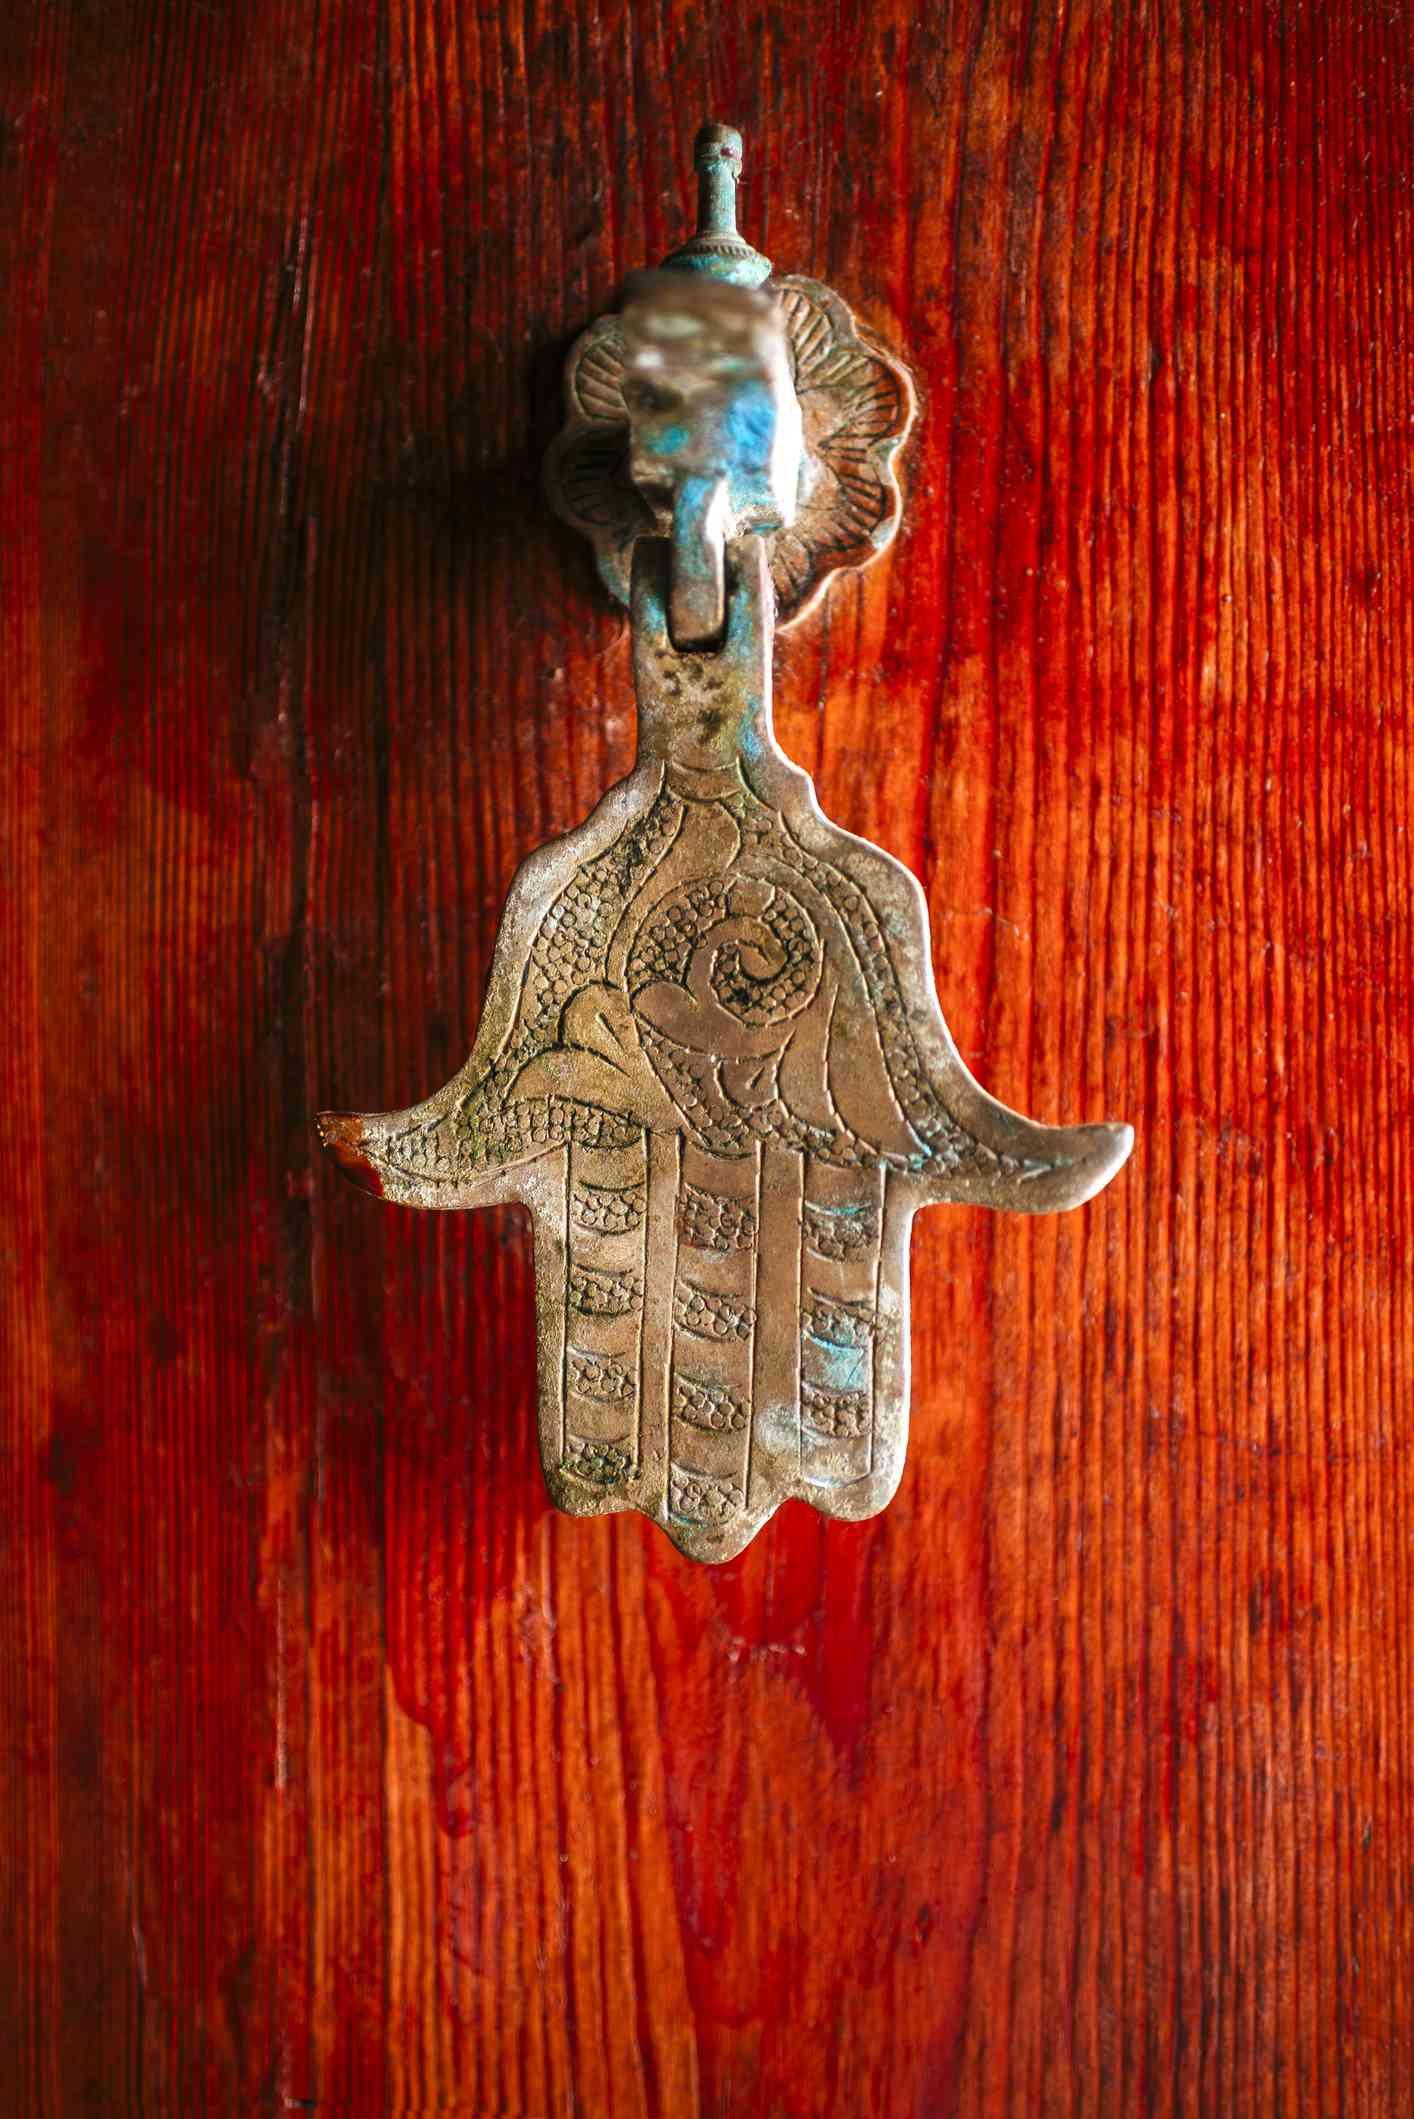 hand of Fatima on a door knocker